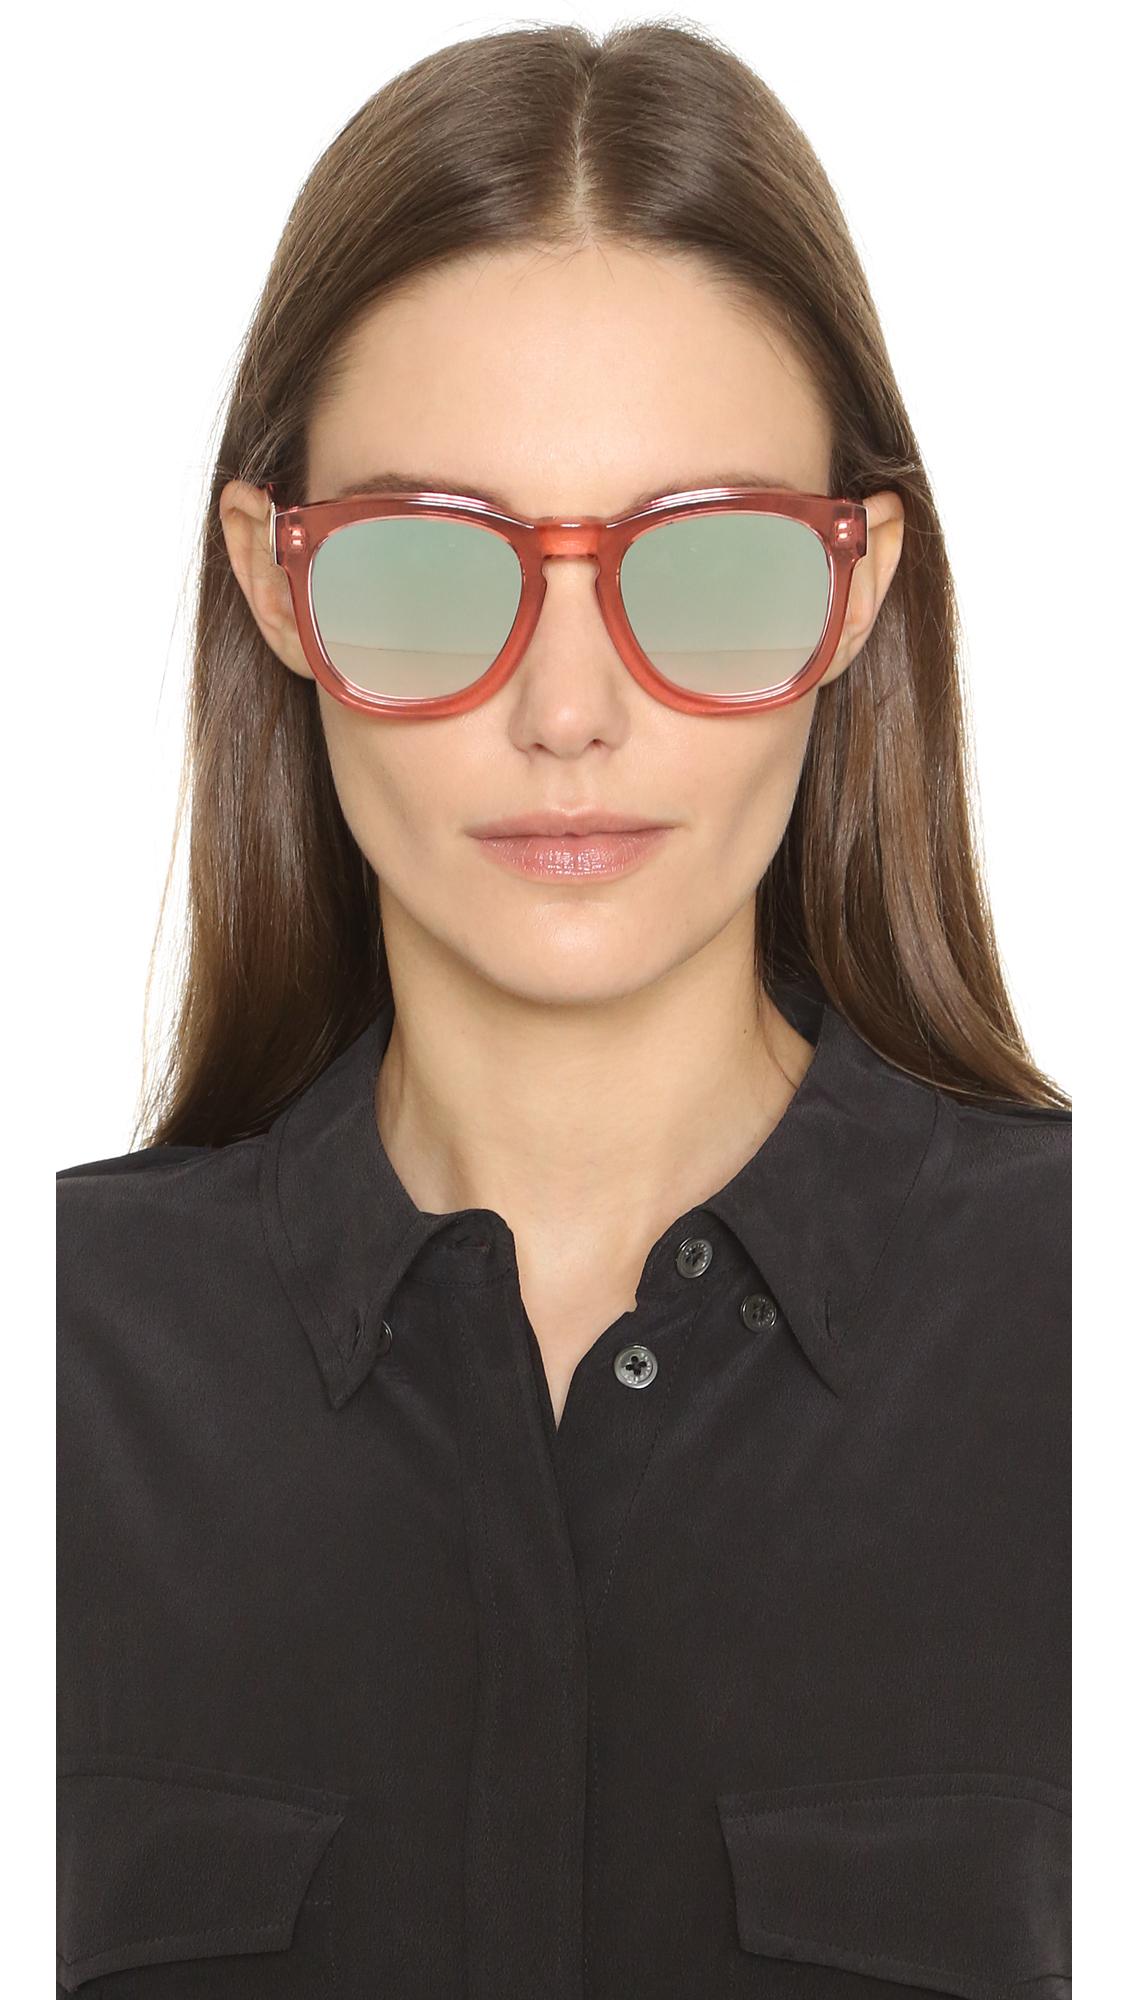 b621053f589 Lyst - Wildfox Classic Fox Sunglasses in Pink